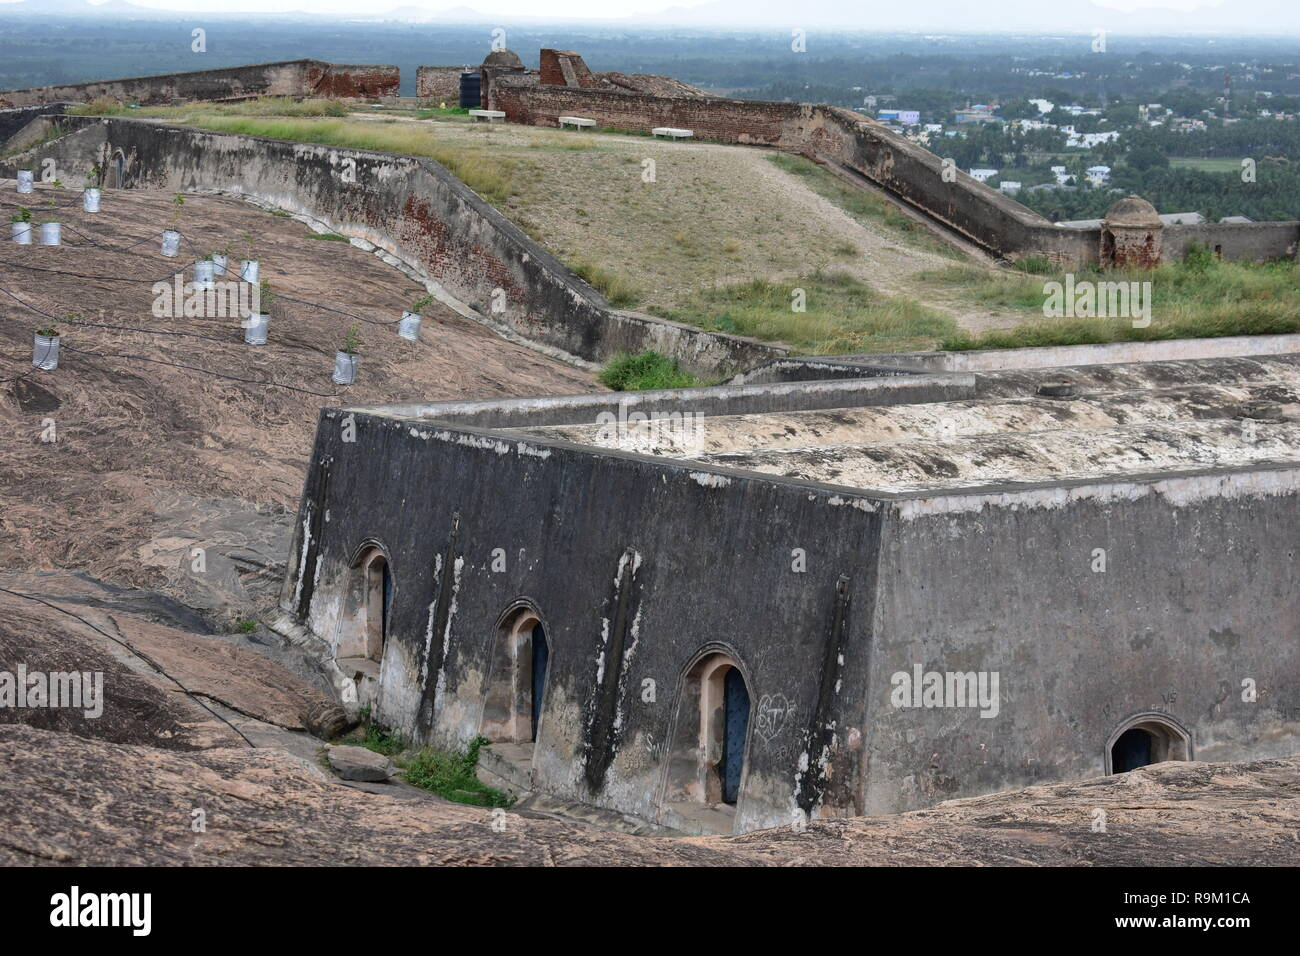 Dindigul Rock Fort Stock Photos & Dindigul Rock Fort Stock Images